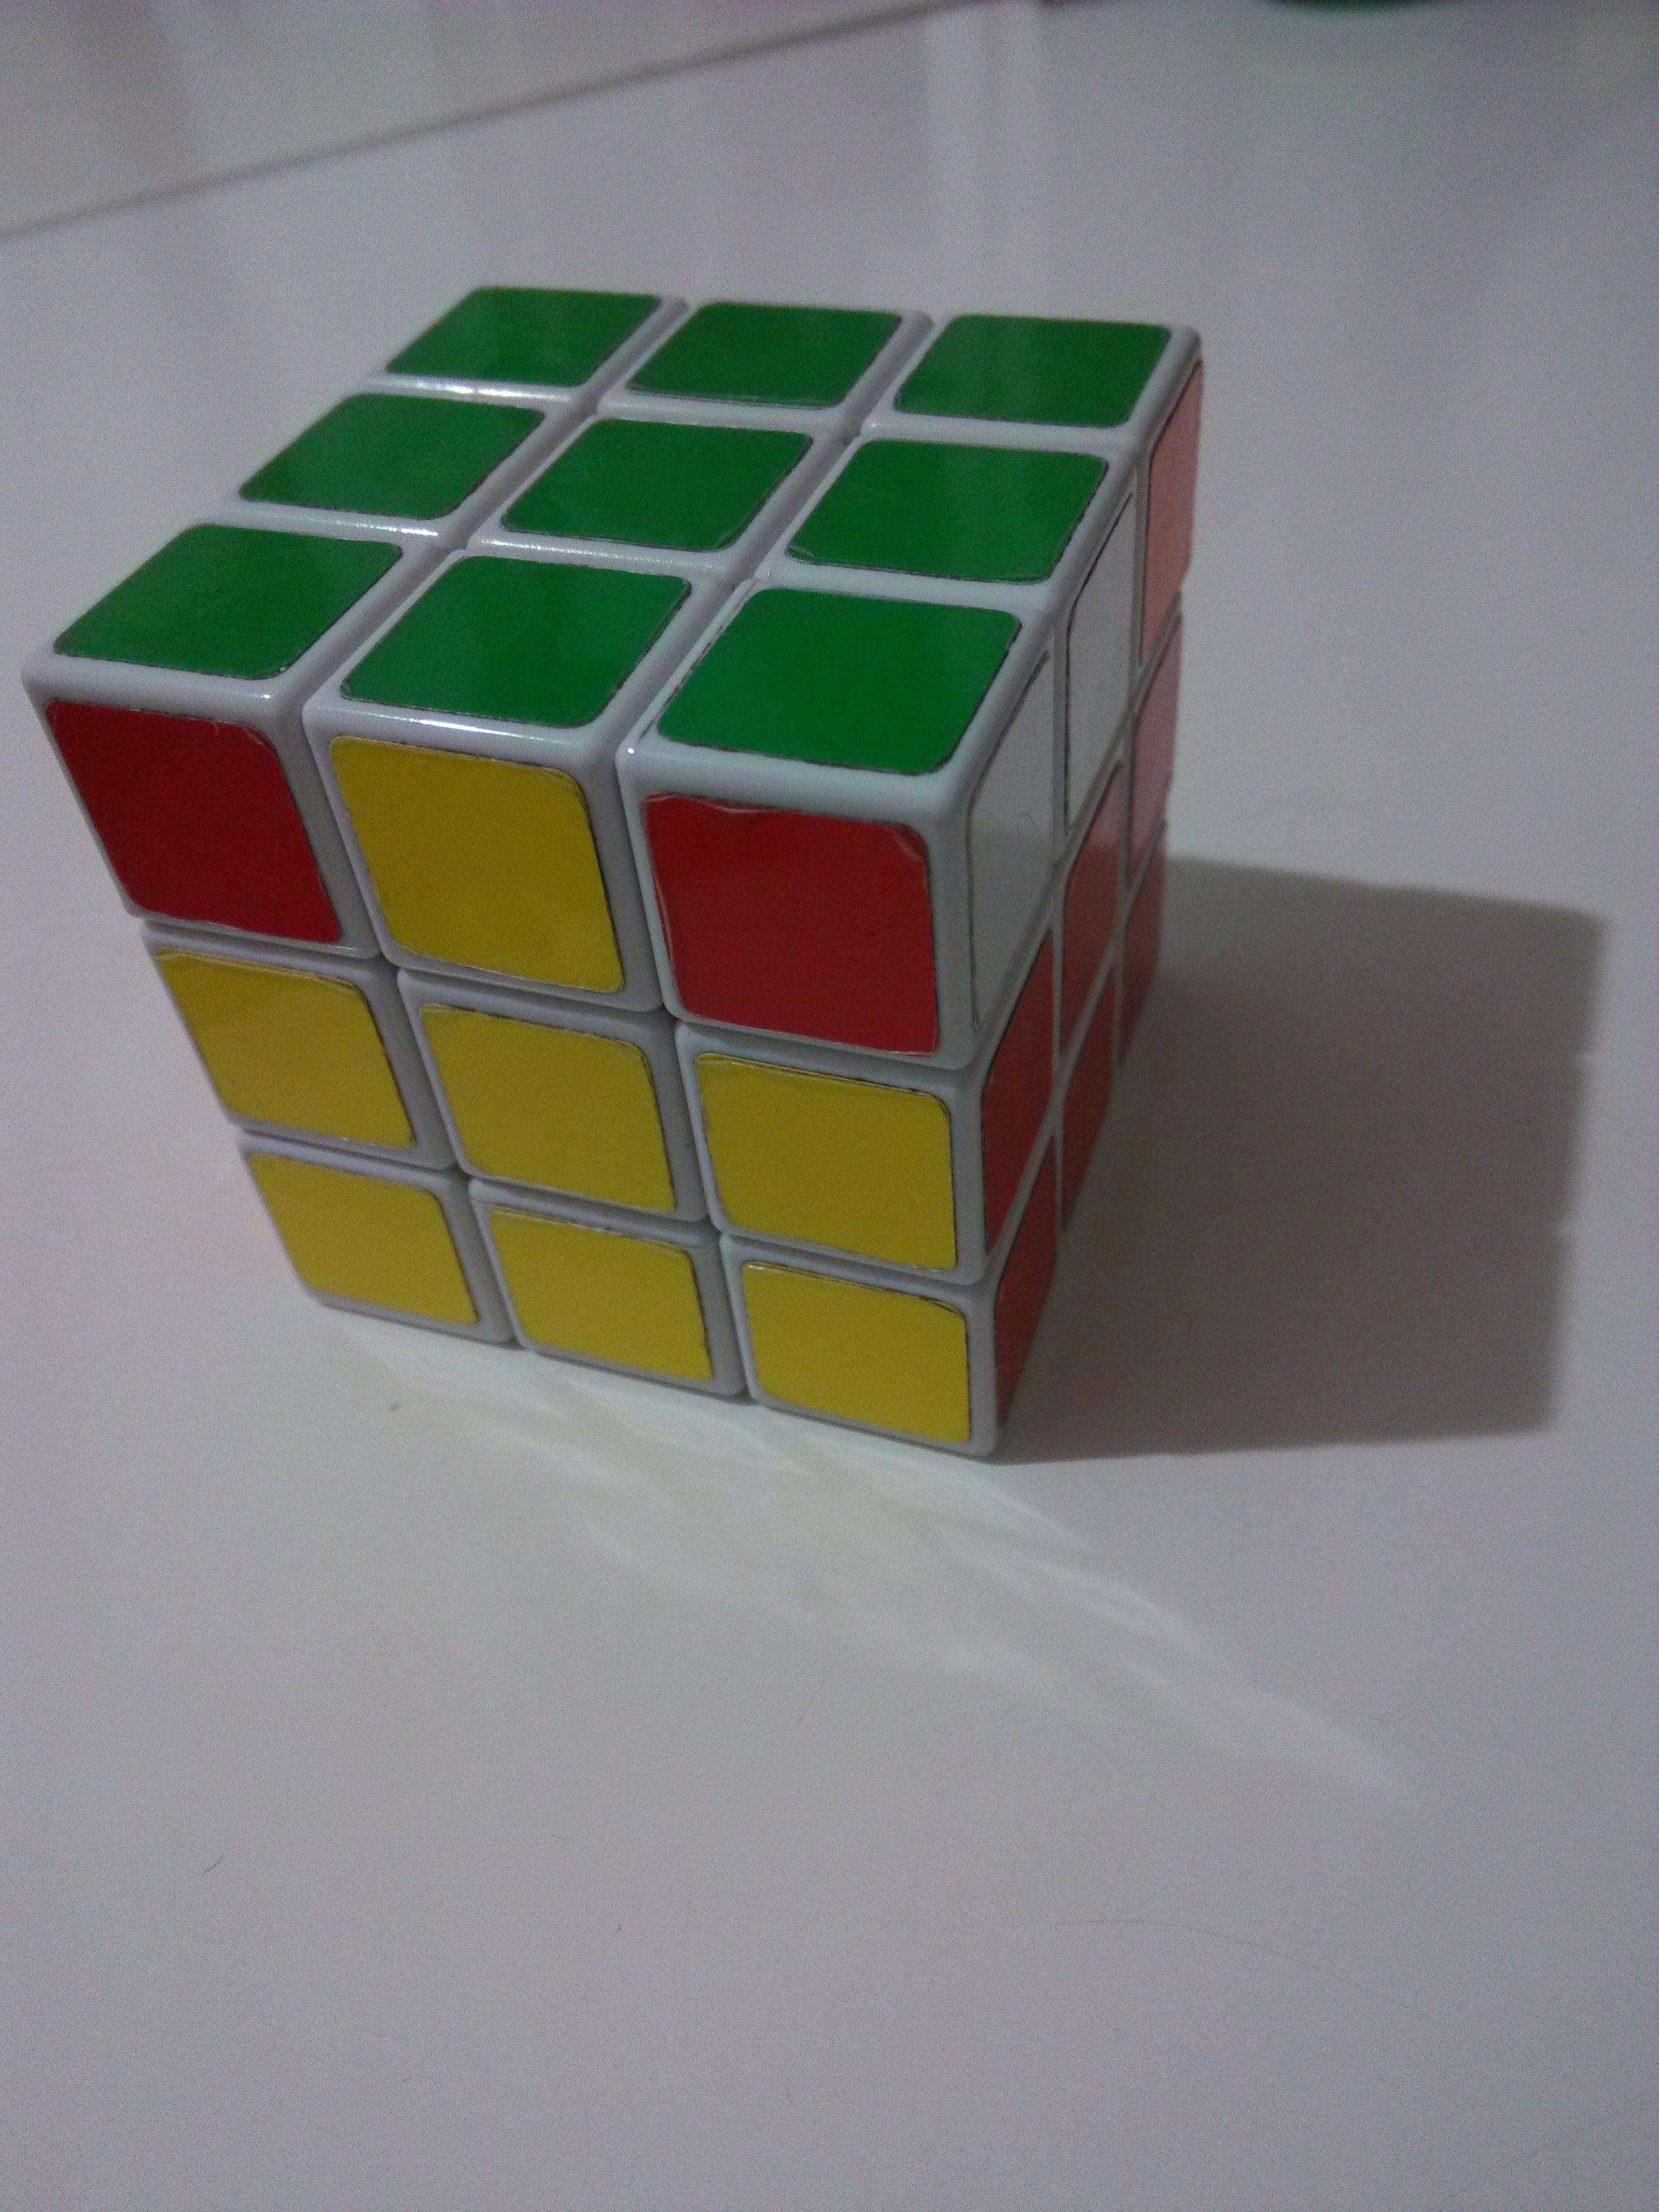 魔方上下两面已经拼好,只有一面的上层是这样的(如图)